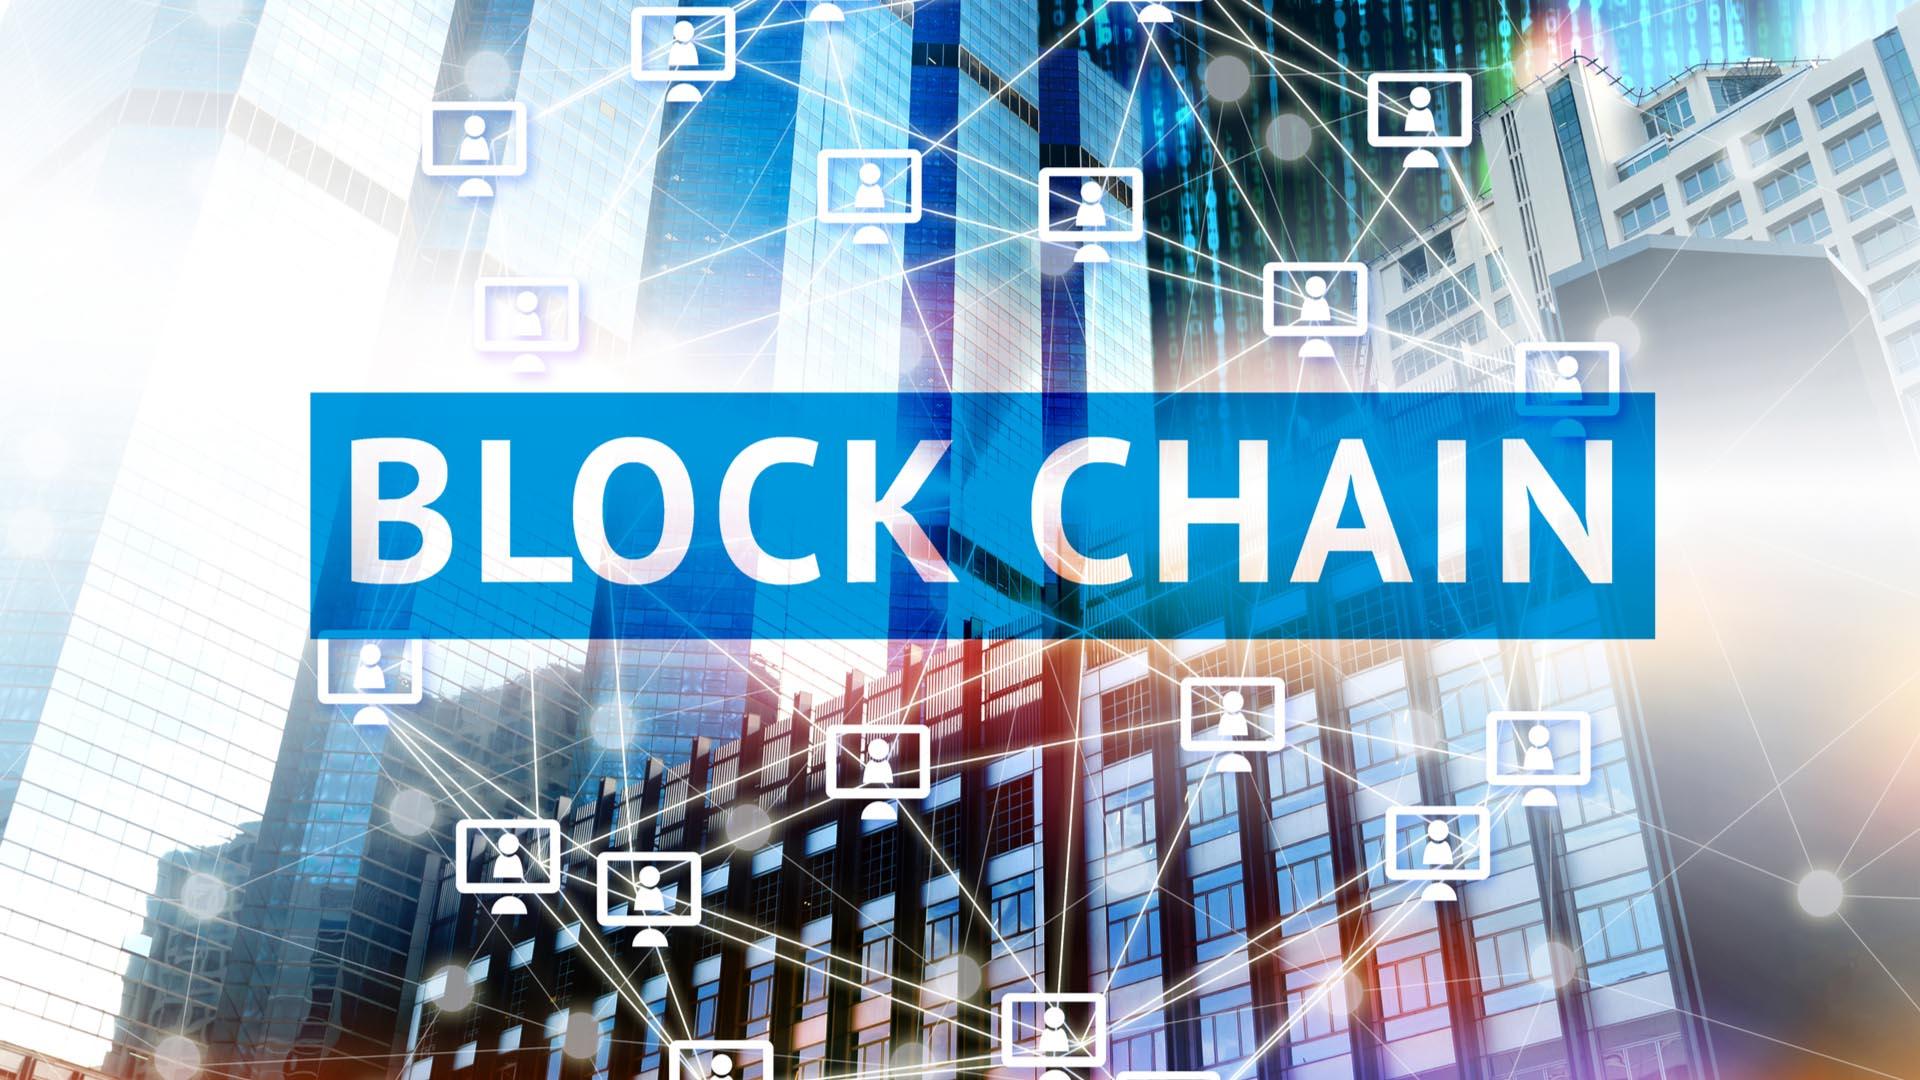 cinque giorni di dibattito live sulla blockchain - Cinque giorni di dibattito live sulla Blockchain